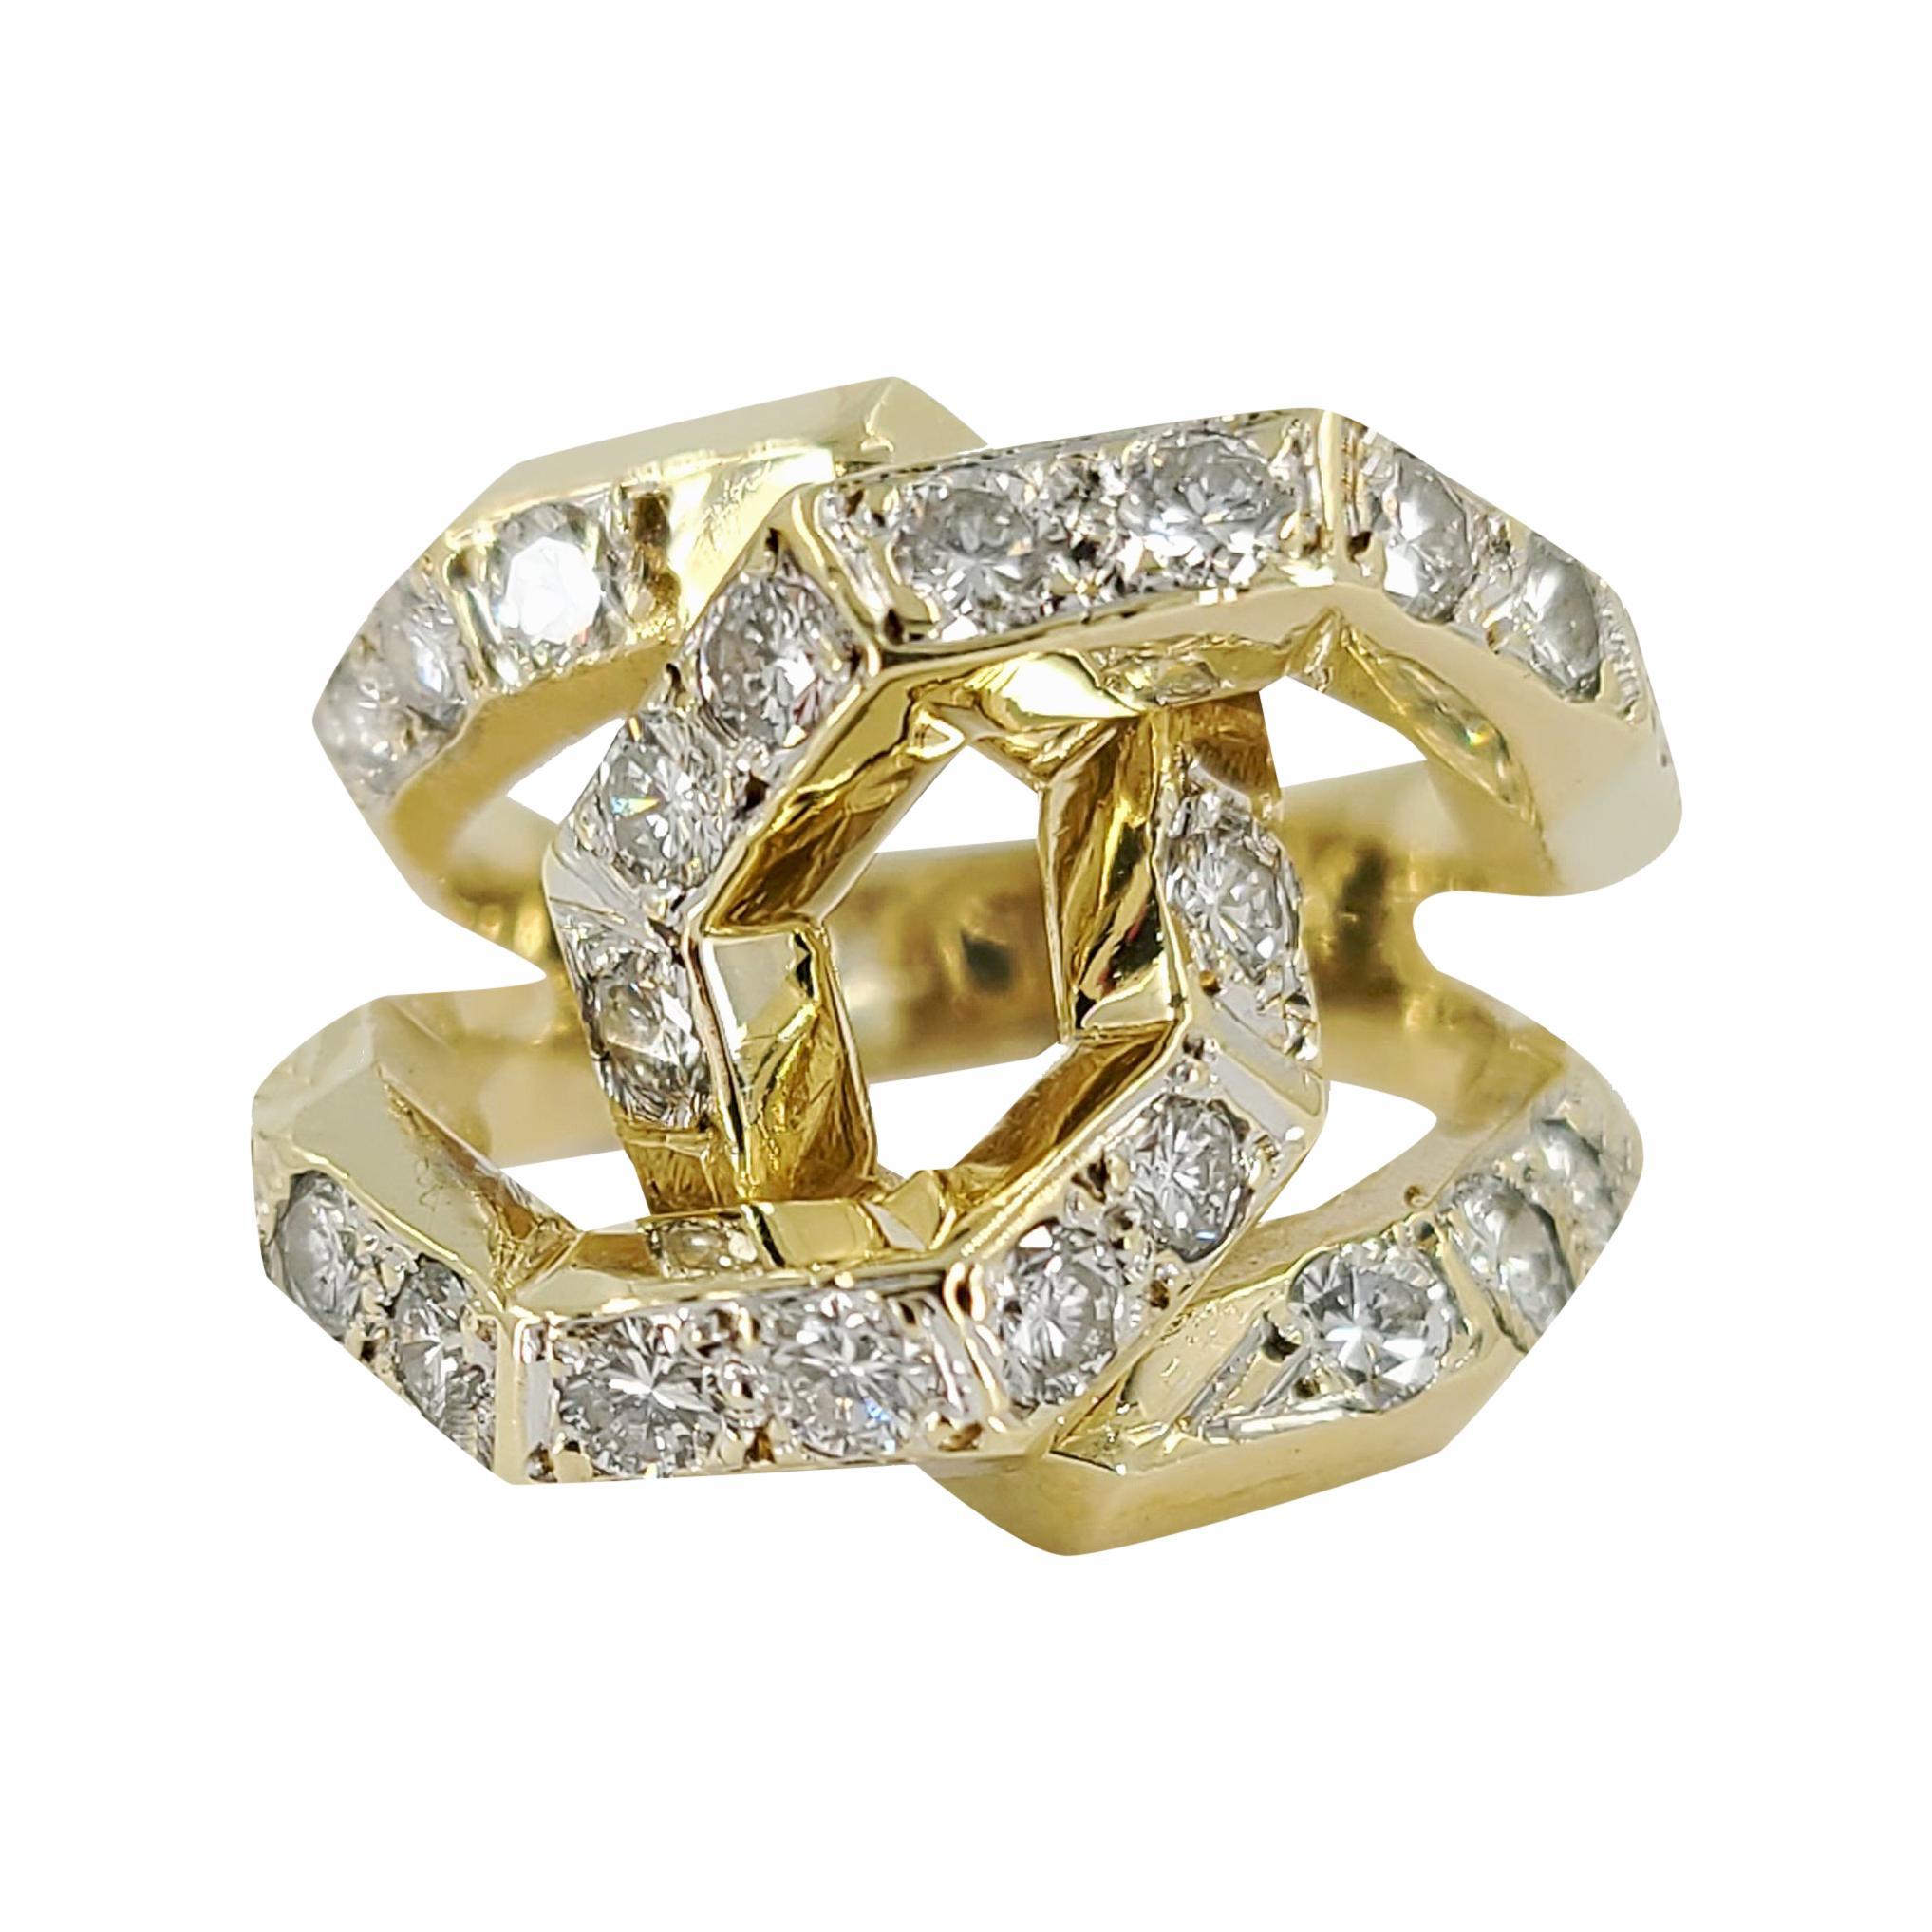 14 Karat Yellow Gold Diamond Link Ring